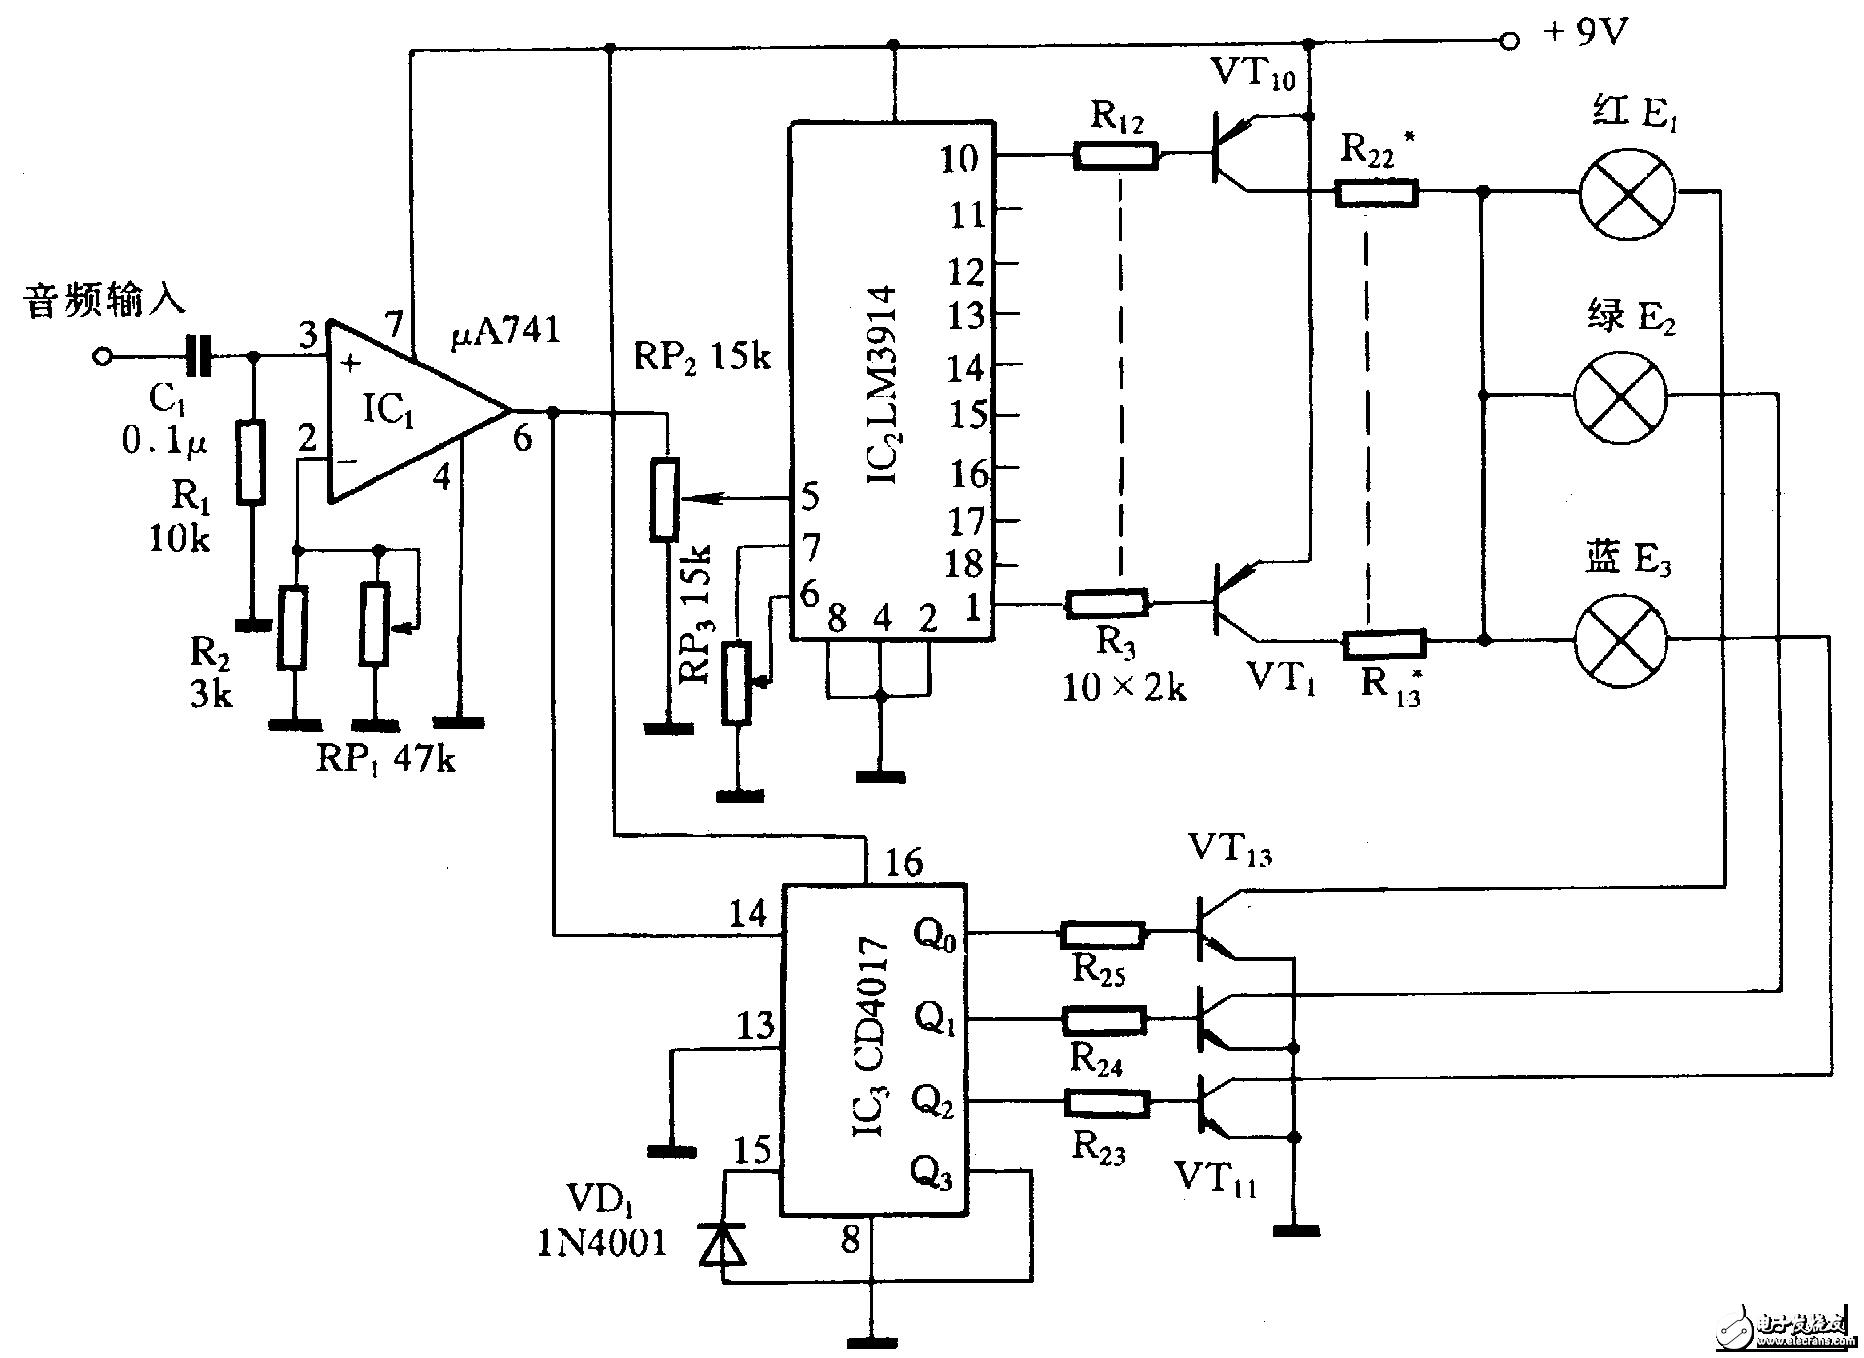 音频变色灯控制器,UA741怎么工作的?